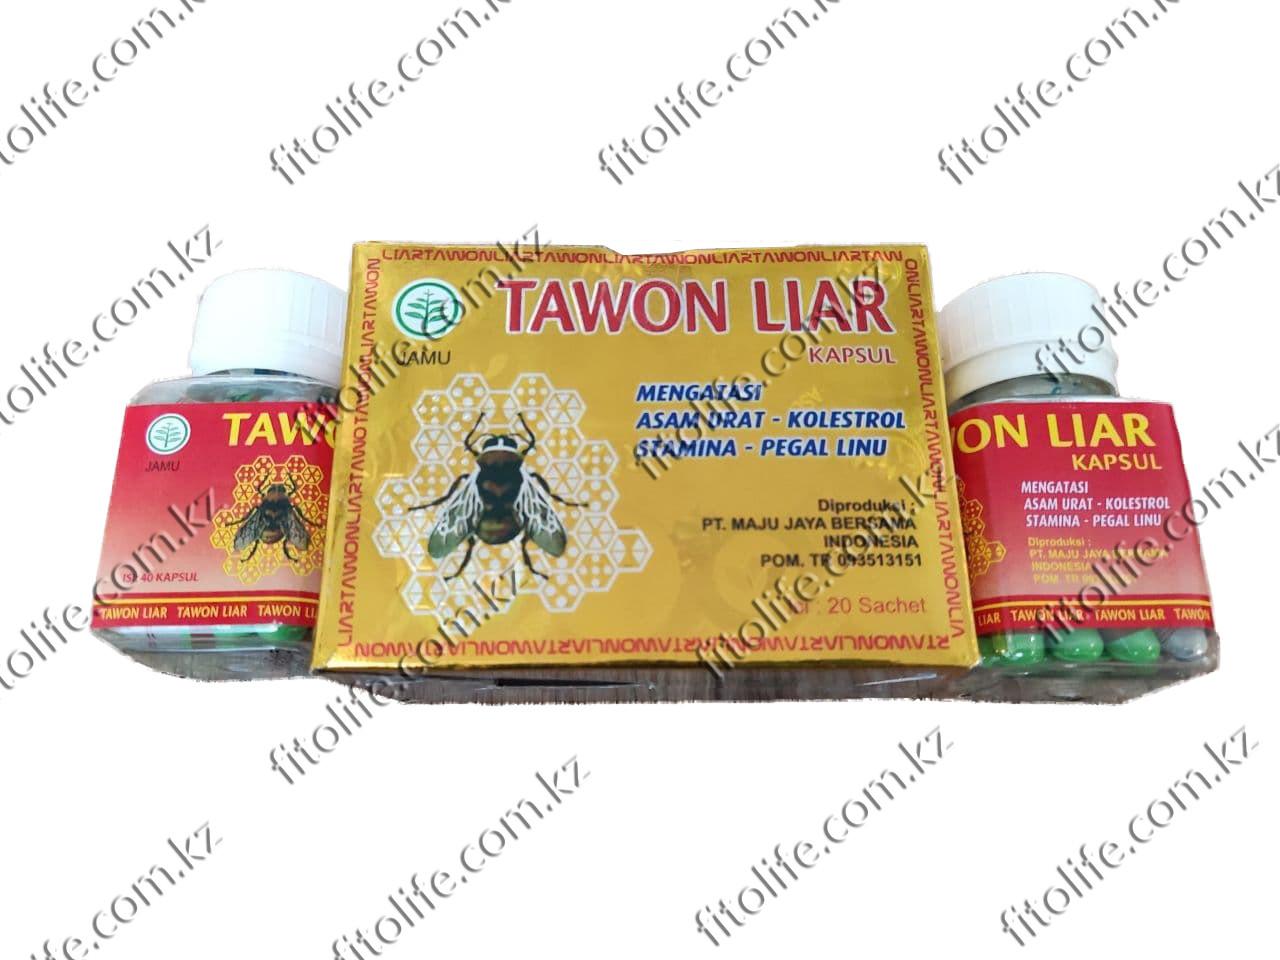 Препарат для лечения суставов Tawon liar